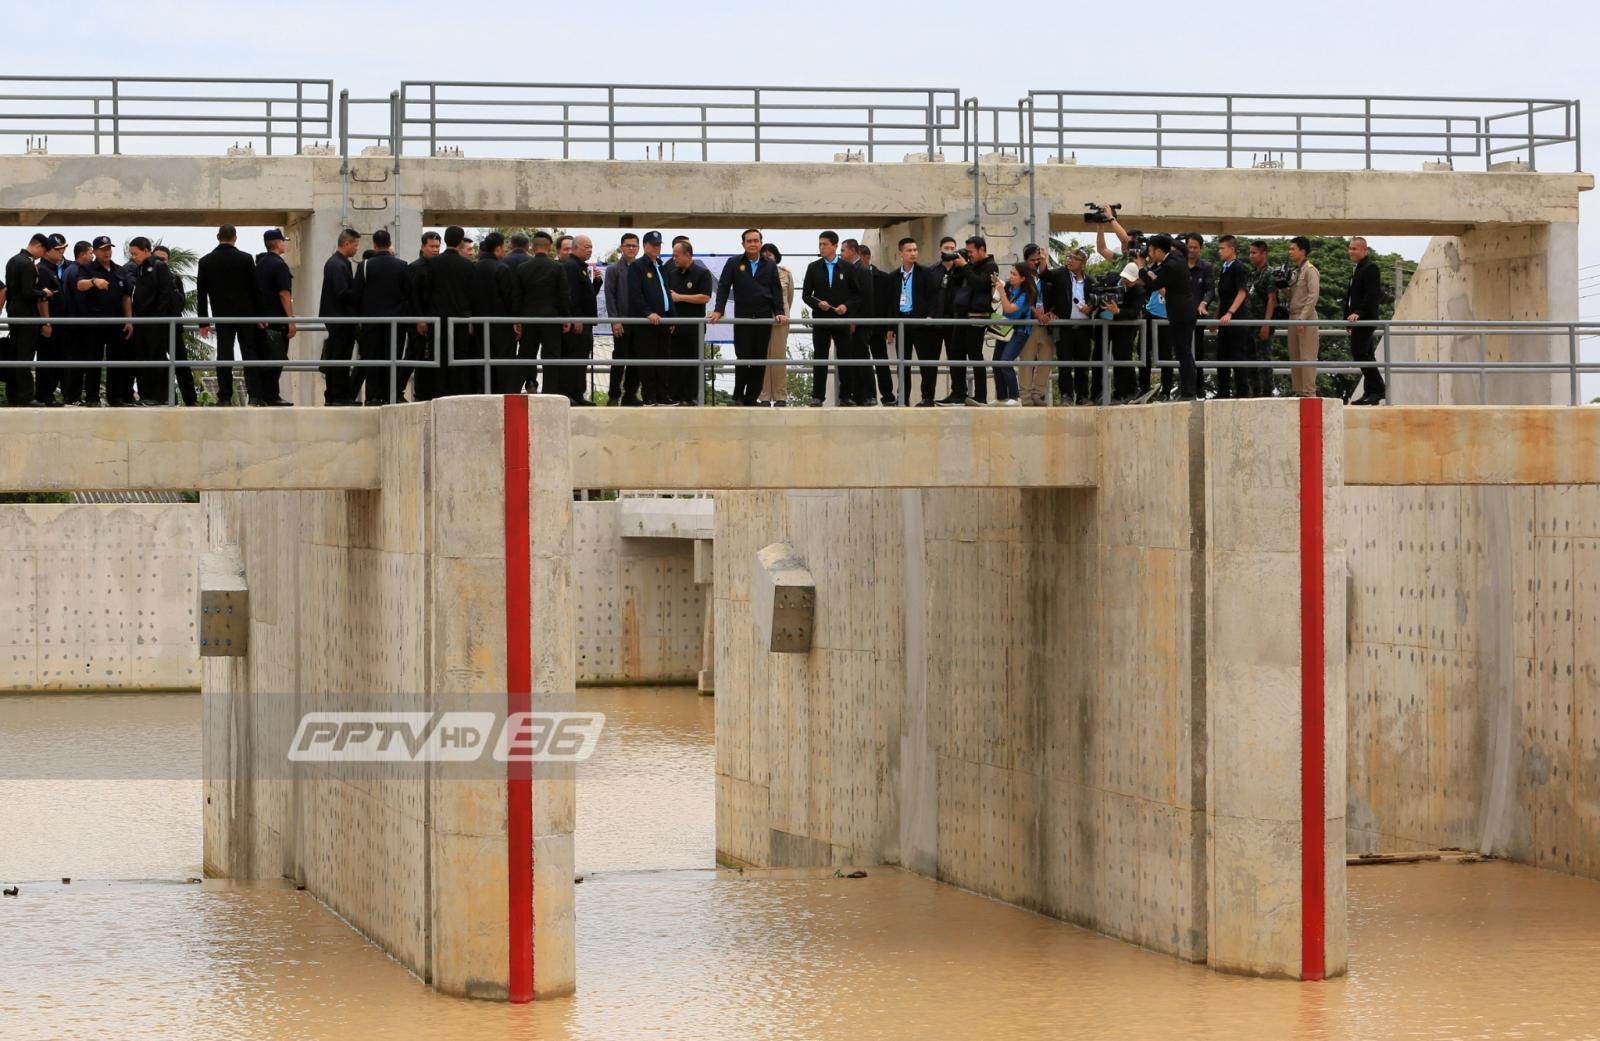 เขตตัวเมืองเพชรระดับน้ำเพิ่มสูงขึ้น แต่ยังไม่ล้นตลิ่ง